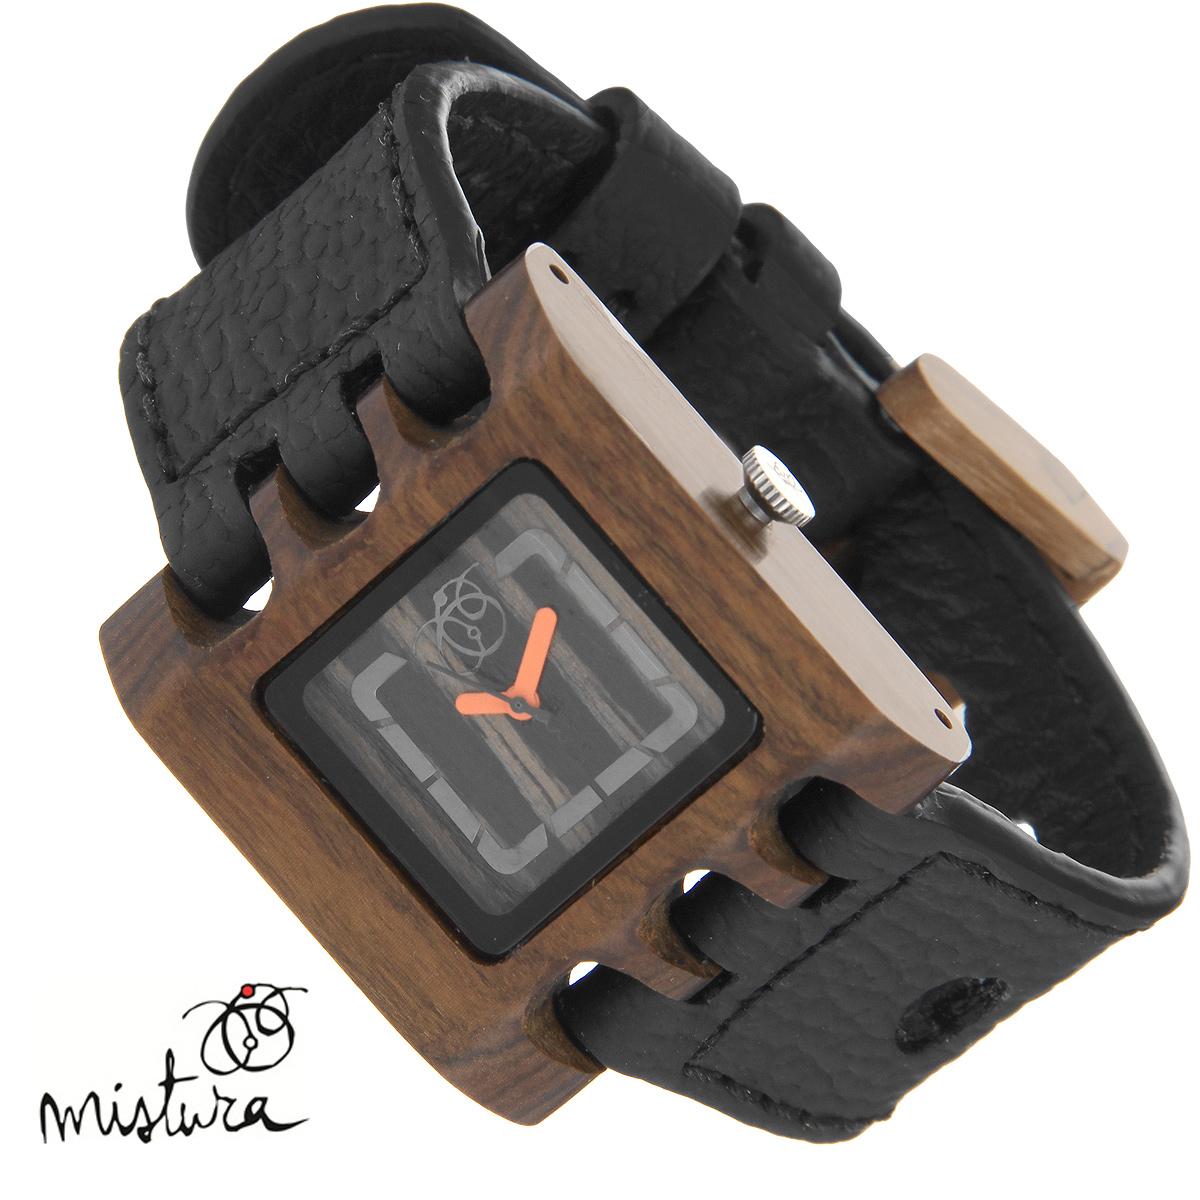 Часы наручные Mistura Quadrato, цвет: черный. TP09009BKPUEBWDTP09009BKPUEBWDxНаручные часы Mistura благодаря своему эксклюзивному дизайну позволят вам выделиться из толпы и подчеркнуть свою индивидуальность. Для изготовления корпуса часов используется древесина тропических лесов Колумбии с применением индивидуальных методов ее обработки. Дизайн выполняется вручную. Часы оснащены японским кварцевым механизмом MIYOTA. Ремешок из натуральной кожи с фактурной поверхностью оформлен декоративной отстрочкой, застегивается на классическую застежку с деревянным язычком. Корпус часов изготовлен из дерева. Циферблат оформлен металлическими накладками и защищен минеральным стеклом. Часы имеют функцию защиты от брызг. Изделие упаковано в фирменную коробку с логотипом компании Mistura. Часы марки Mistura идеально подходят молодым и уверенным в себе людям, ценящим качество, практичность и индивидуальность в каждой детали. Каждая модель оснащена оригинальным дизайнерским корпусом, а также ремешком из натуральной кожи, который можно заменить по...